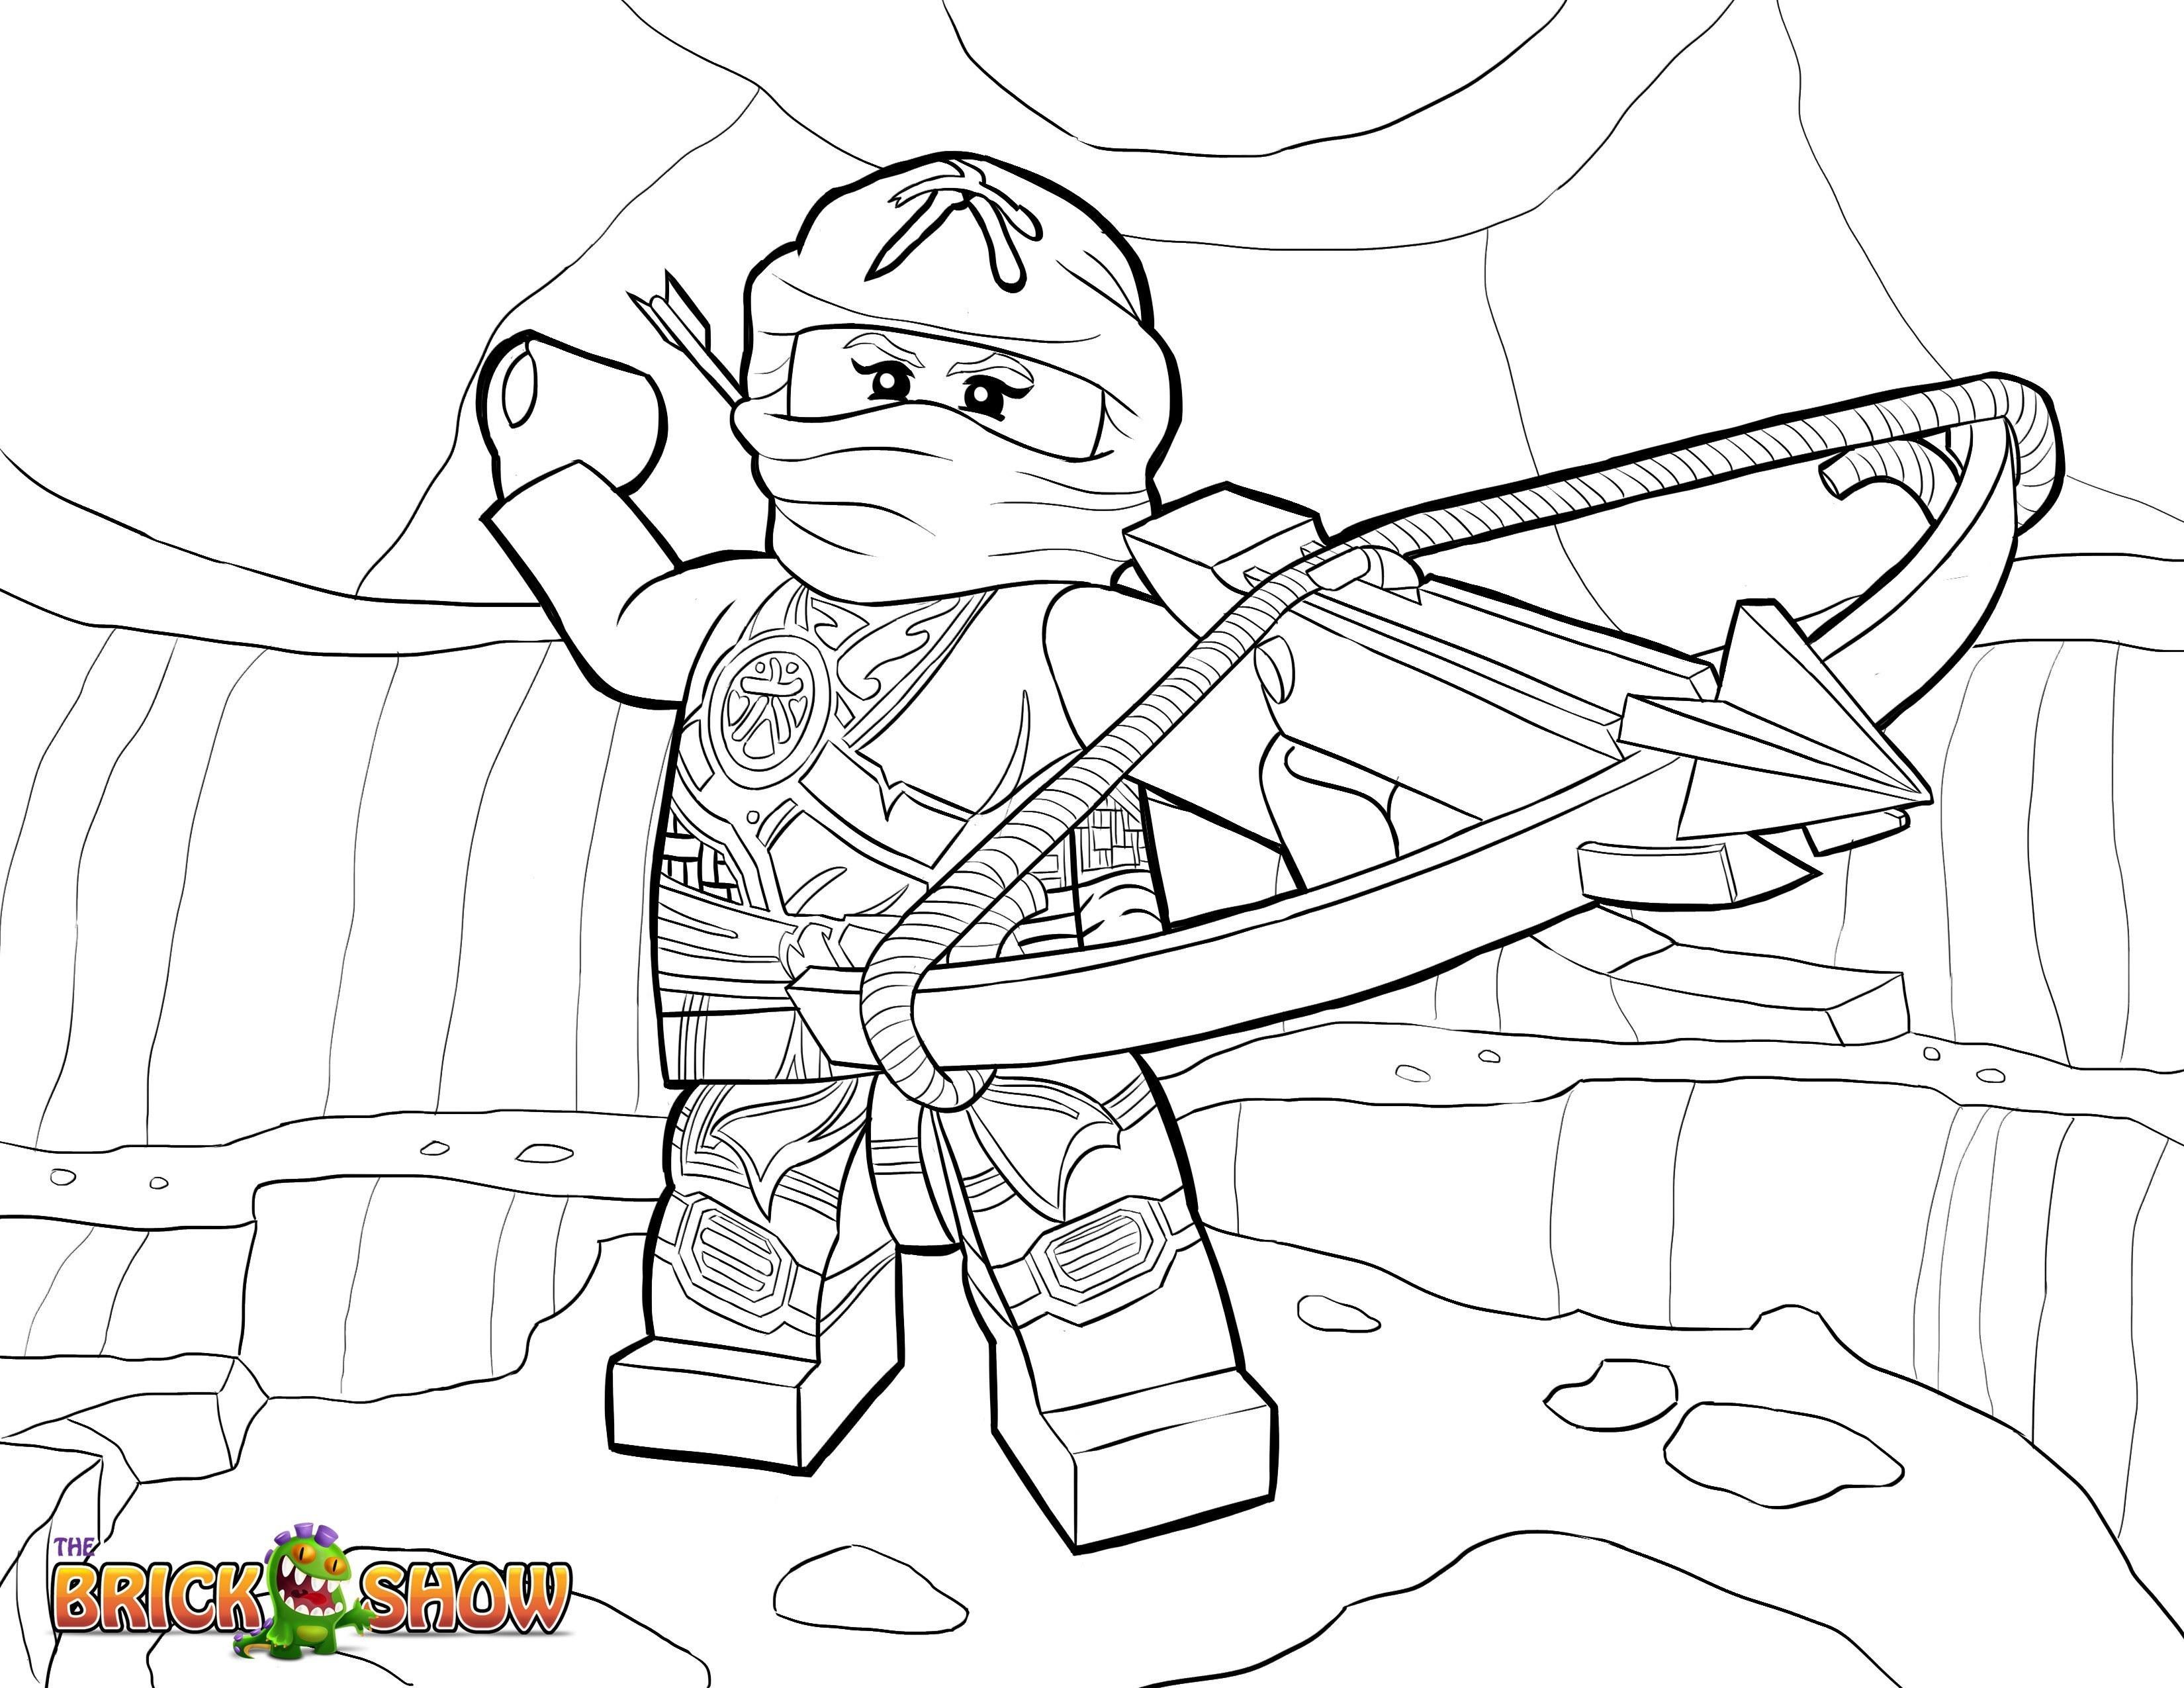 Lego Star Wars Ausmalbild Inspirierend 10 Malvorlagen Star Wars Raumschiffe My Blog Sammlung